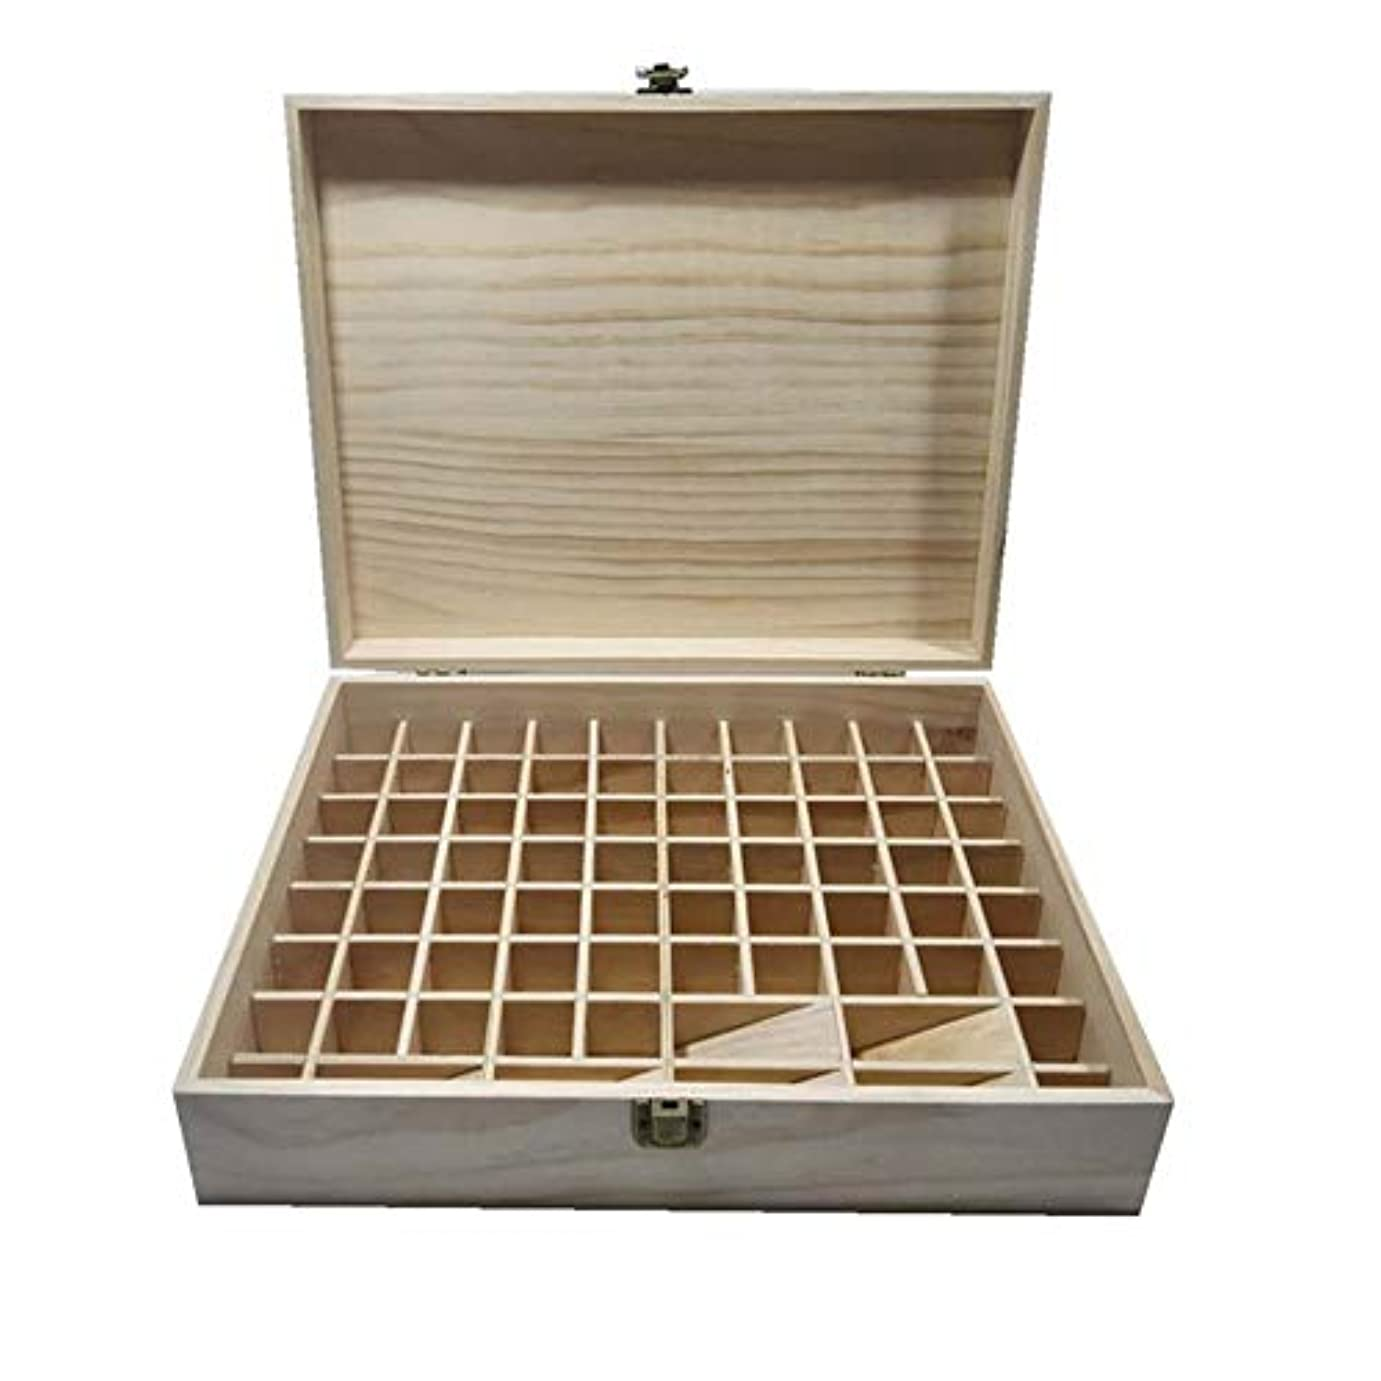 外交しがみつく贈り物エッセンシャルオイルの保管 74スロットエッセンシャルオイルボックス木製収納ケースは、74本のボトルエッセンシャルオイルスペースセーバーの開催します (色 : Natural, サイズ : 34X27.5X9CM)